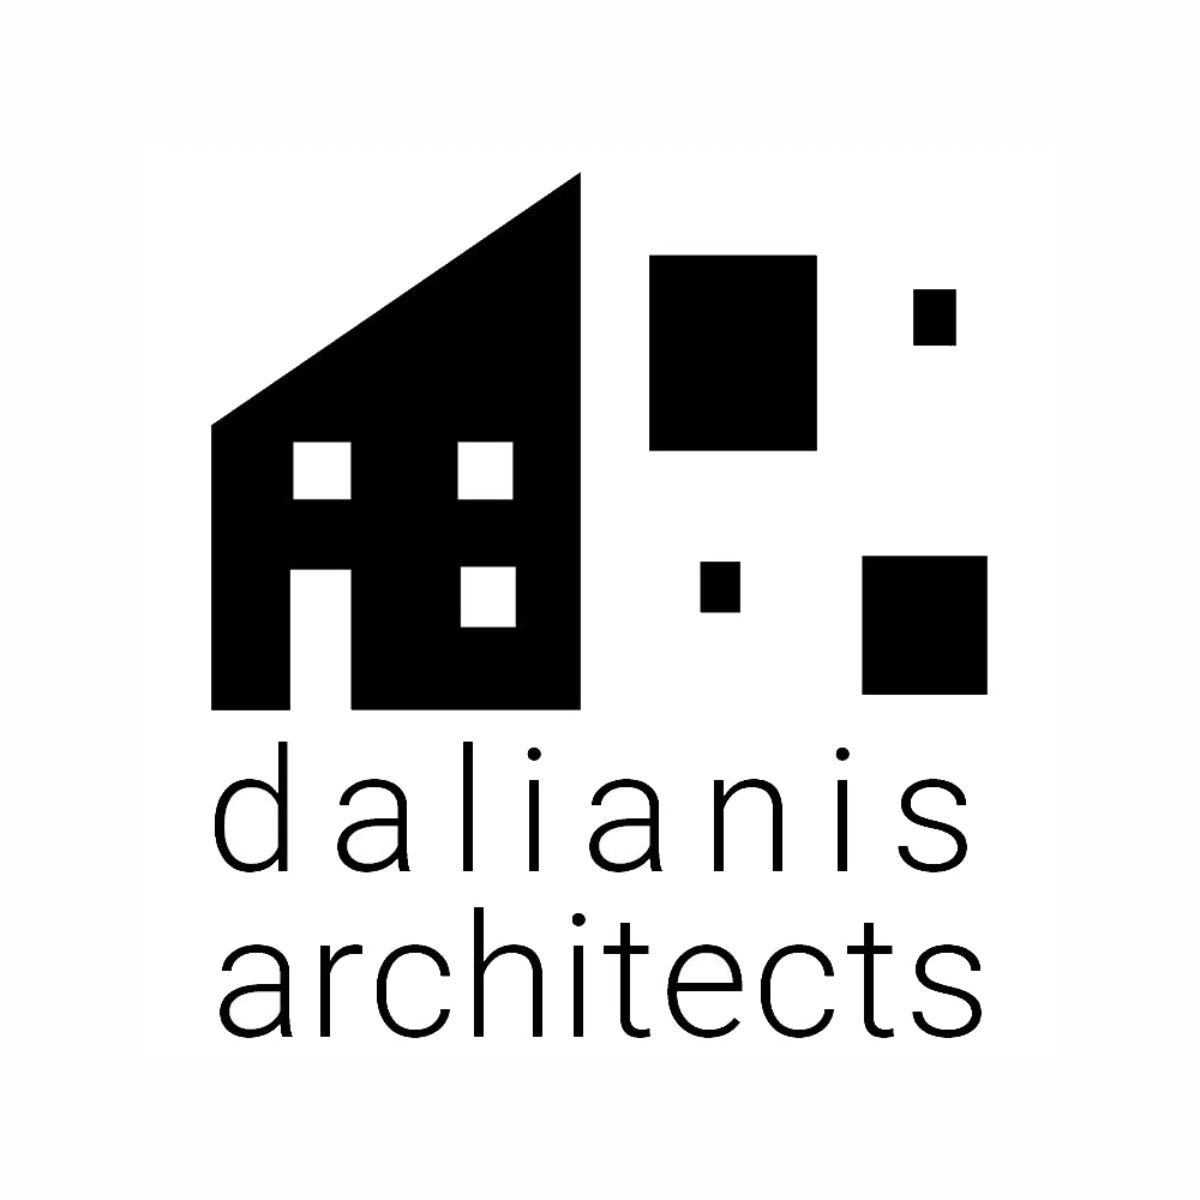 Αρχιτέκτονας / πολιτικός μηχανικός για πλήρη απασχόληση